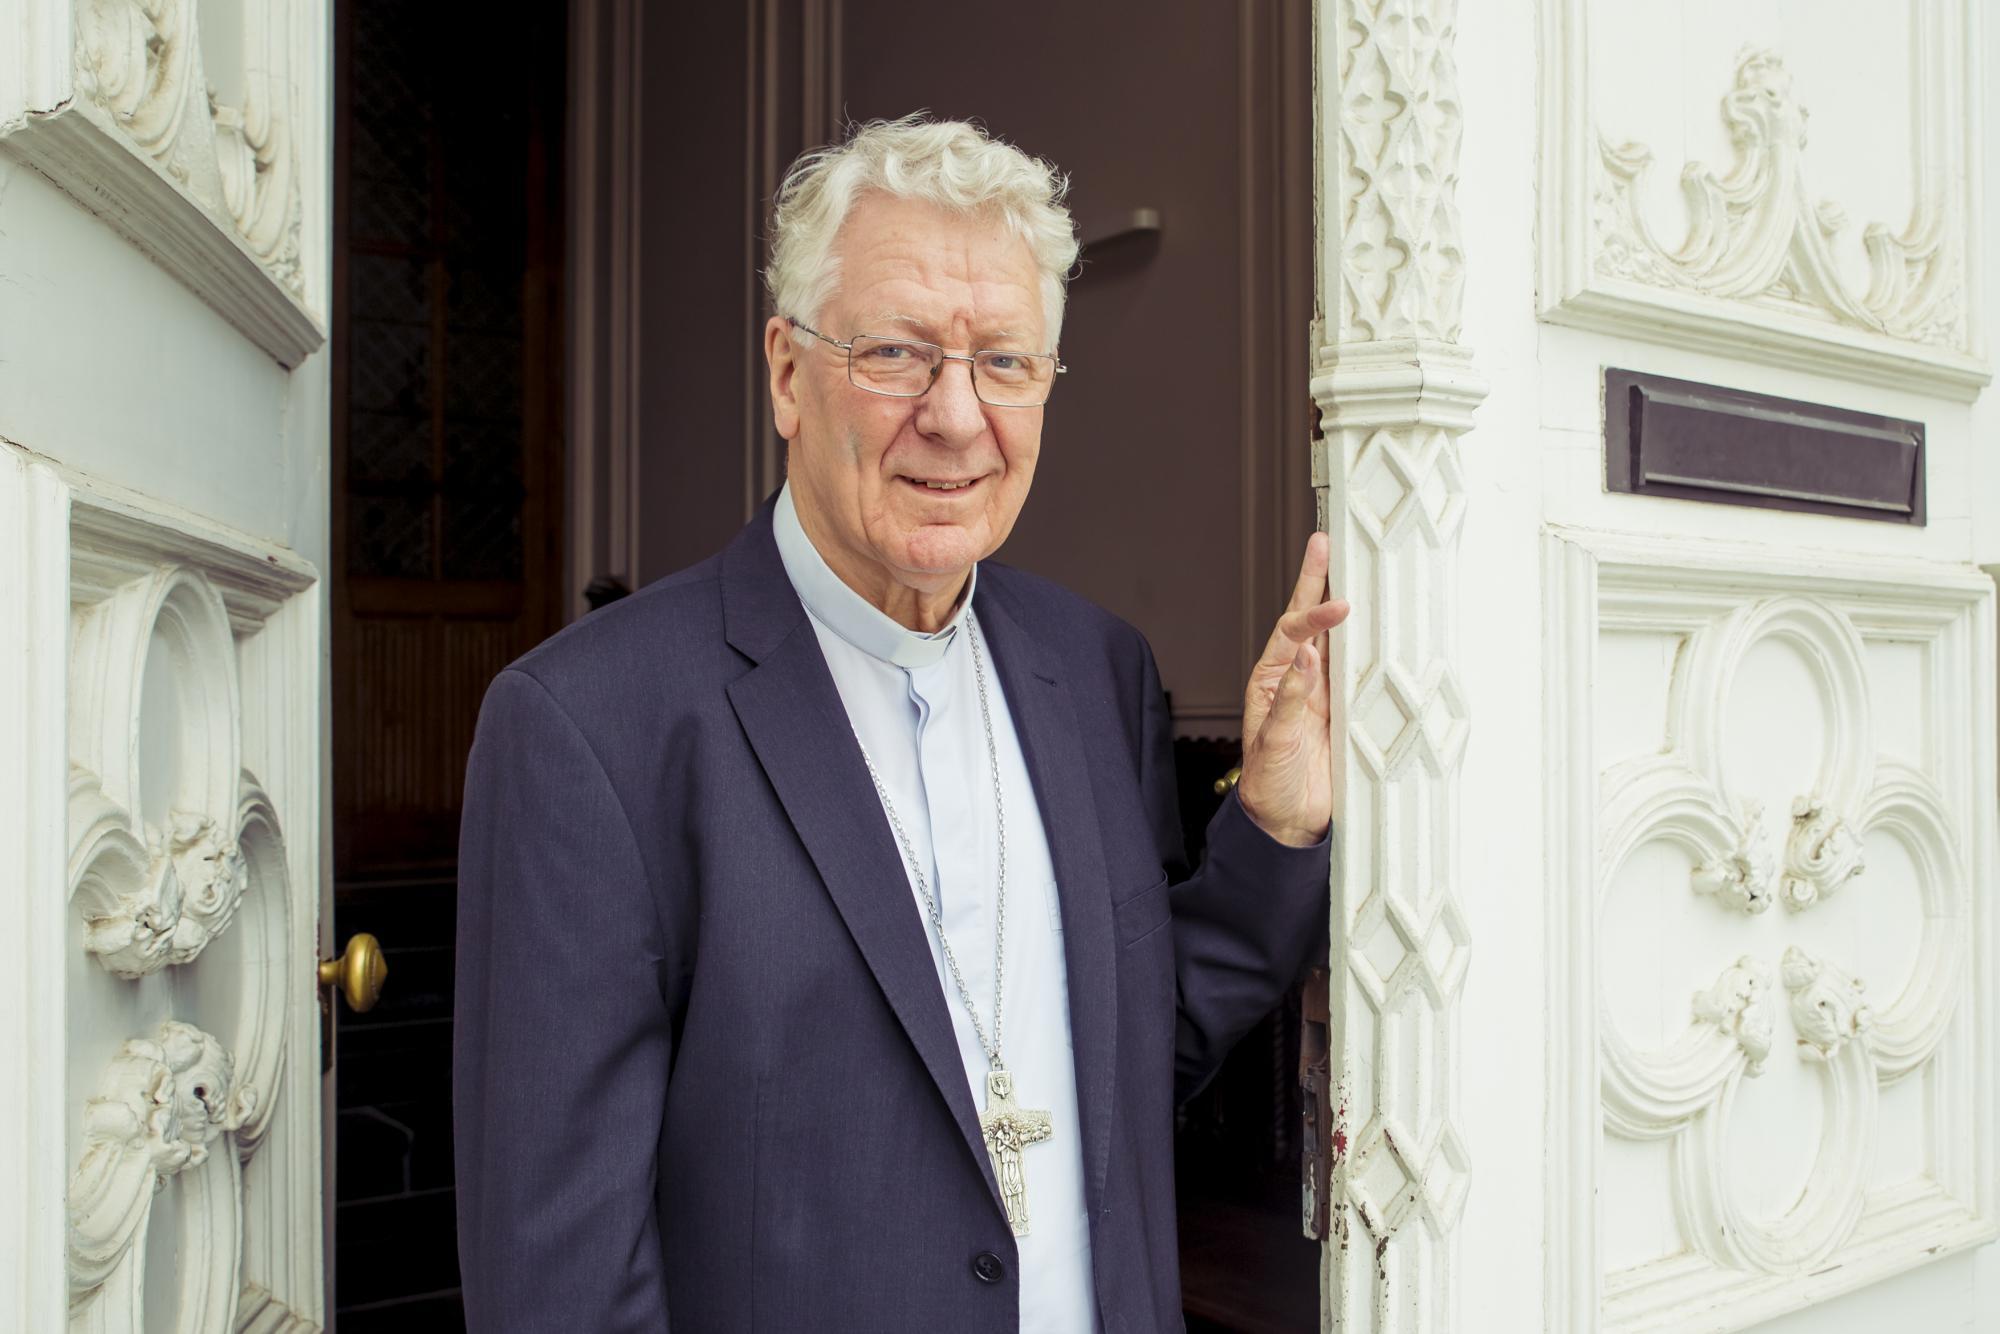 Bisschop Van Looy © Bisdom Gent, foto; Daina De Saedeleer